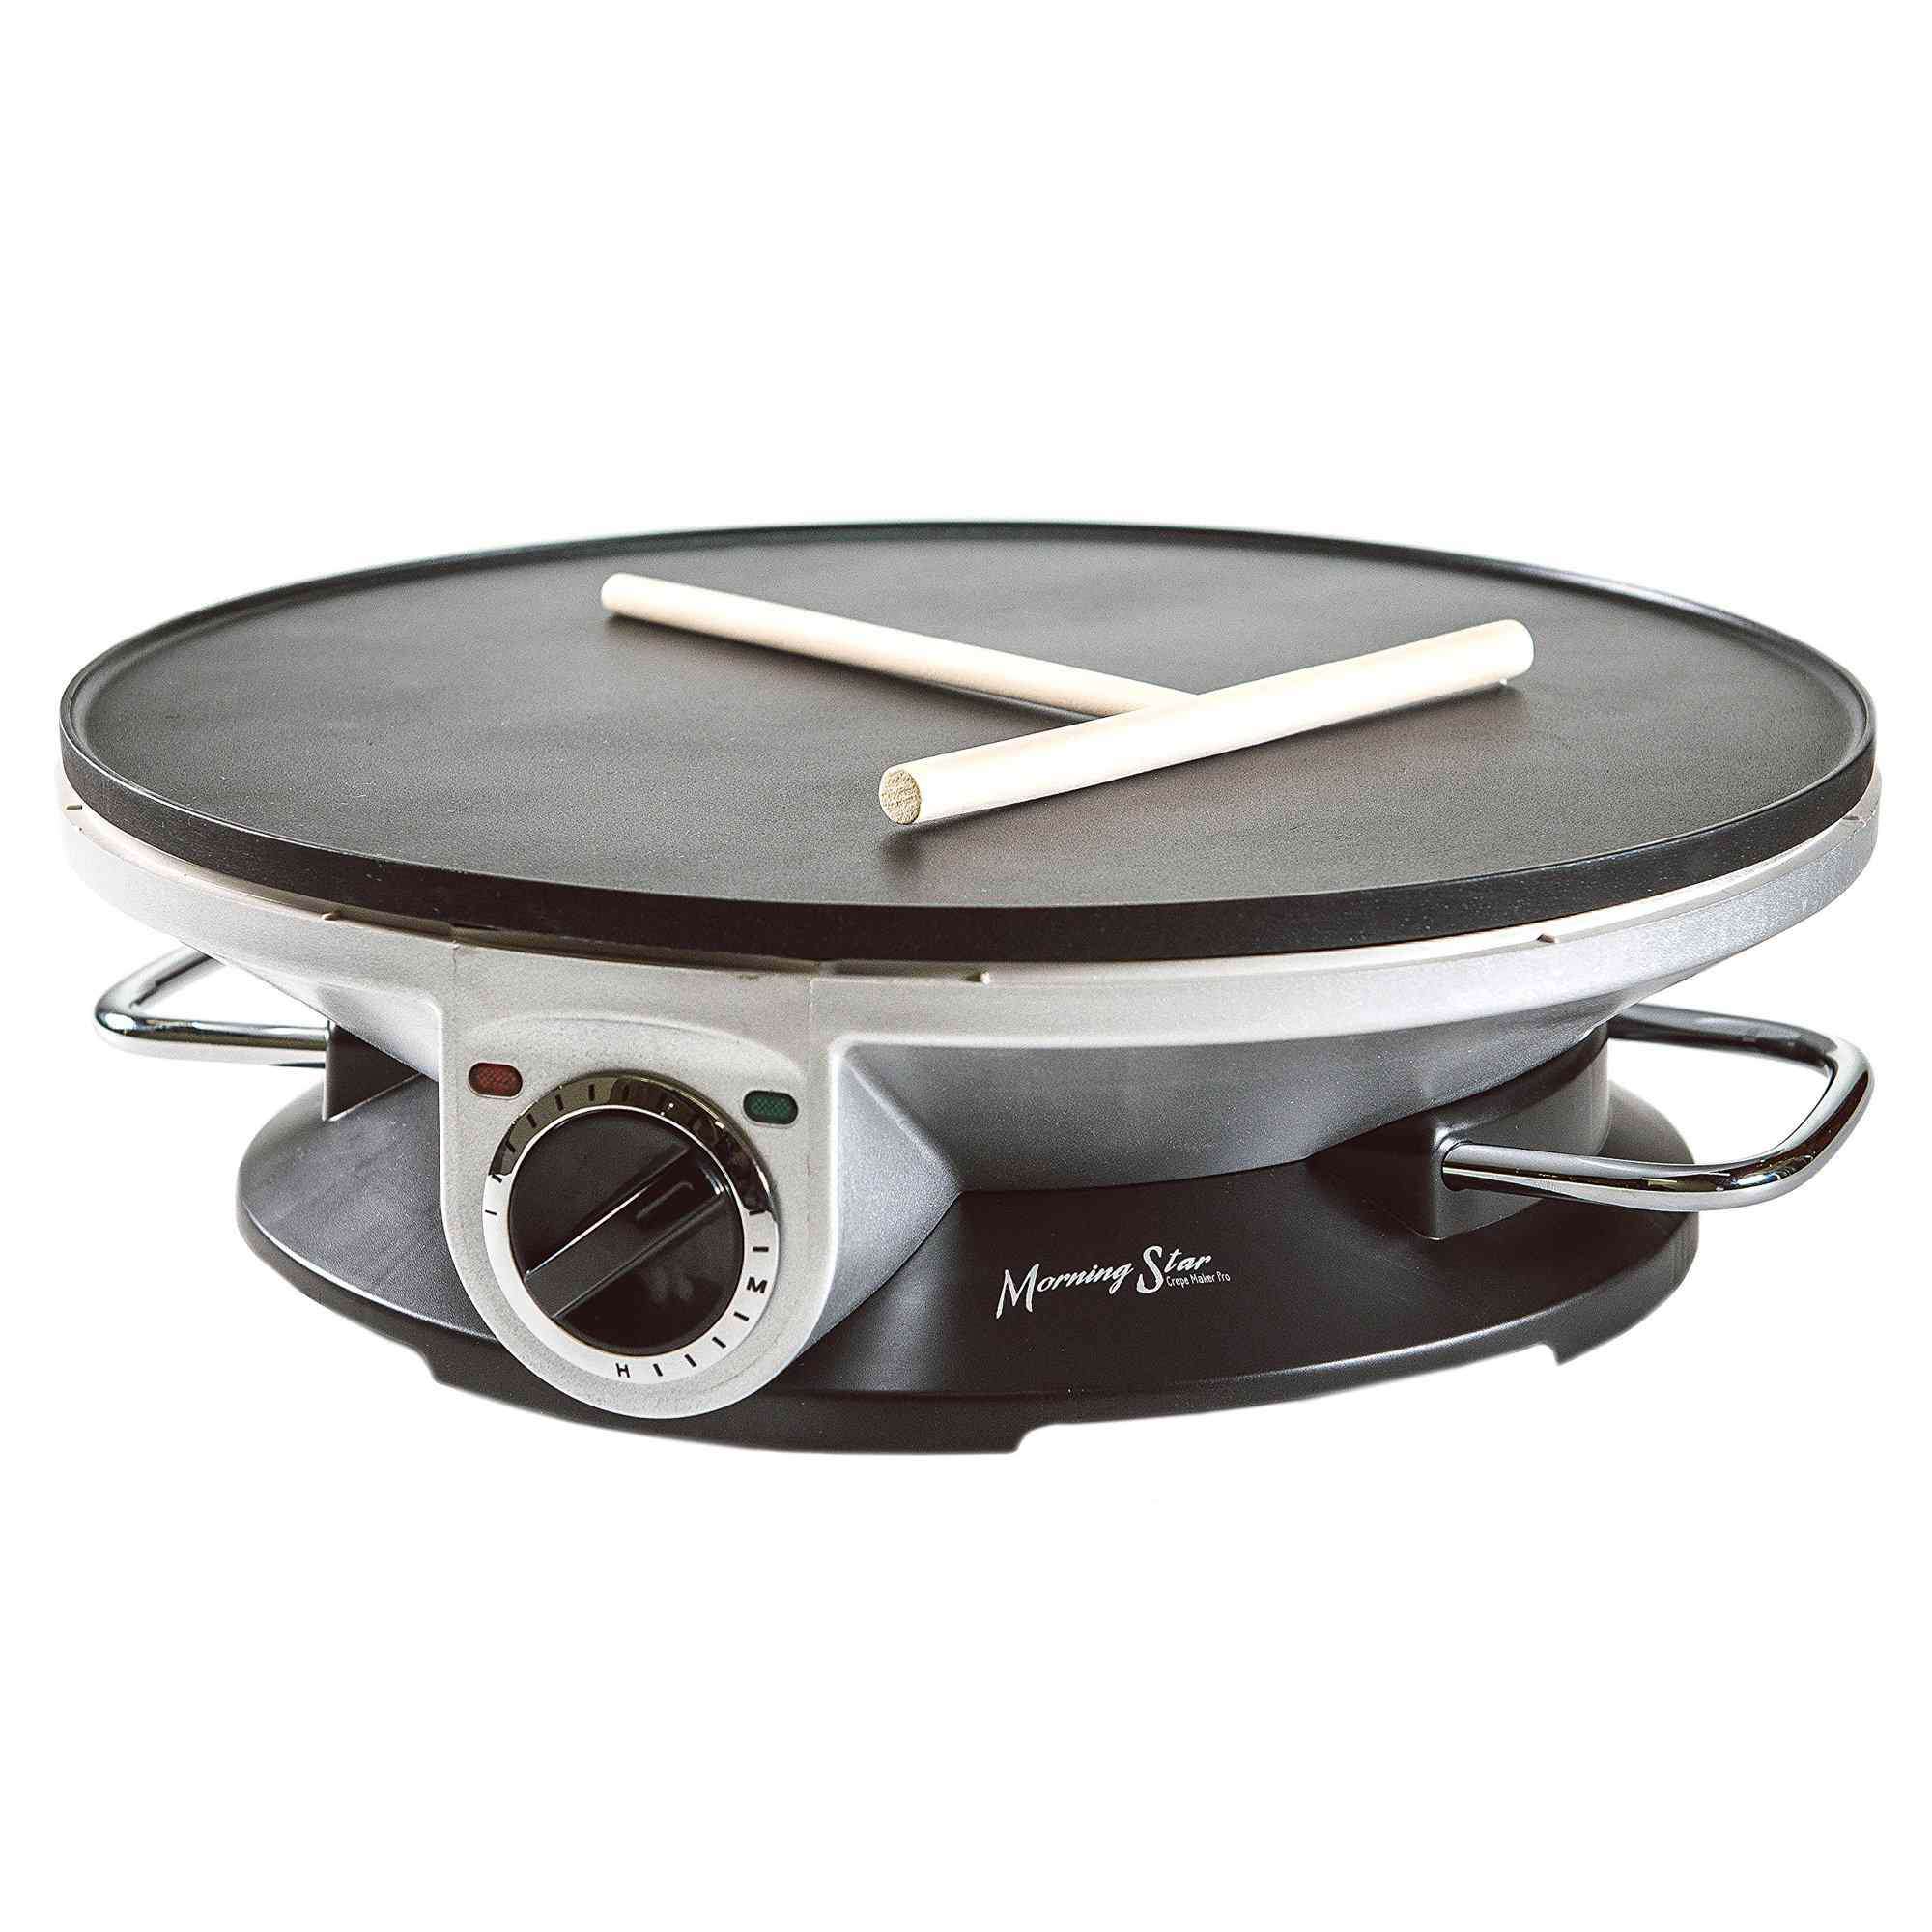 Morning Star Crepe Maker Pro 13 Inch Crepe Maker & Electric Griddle